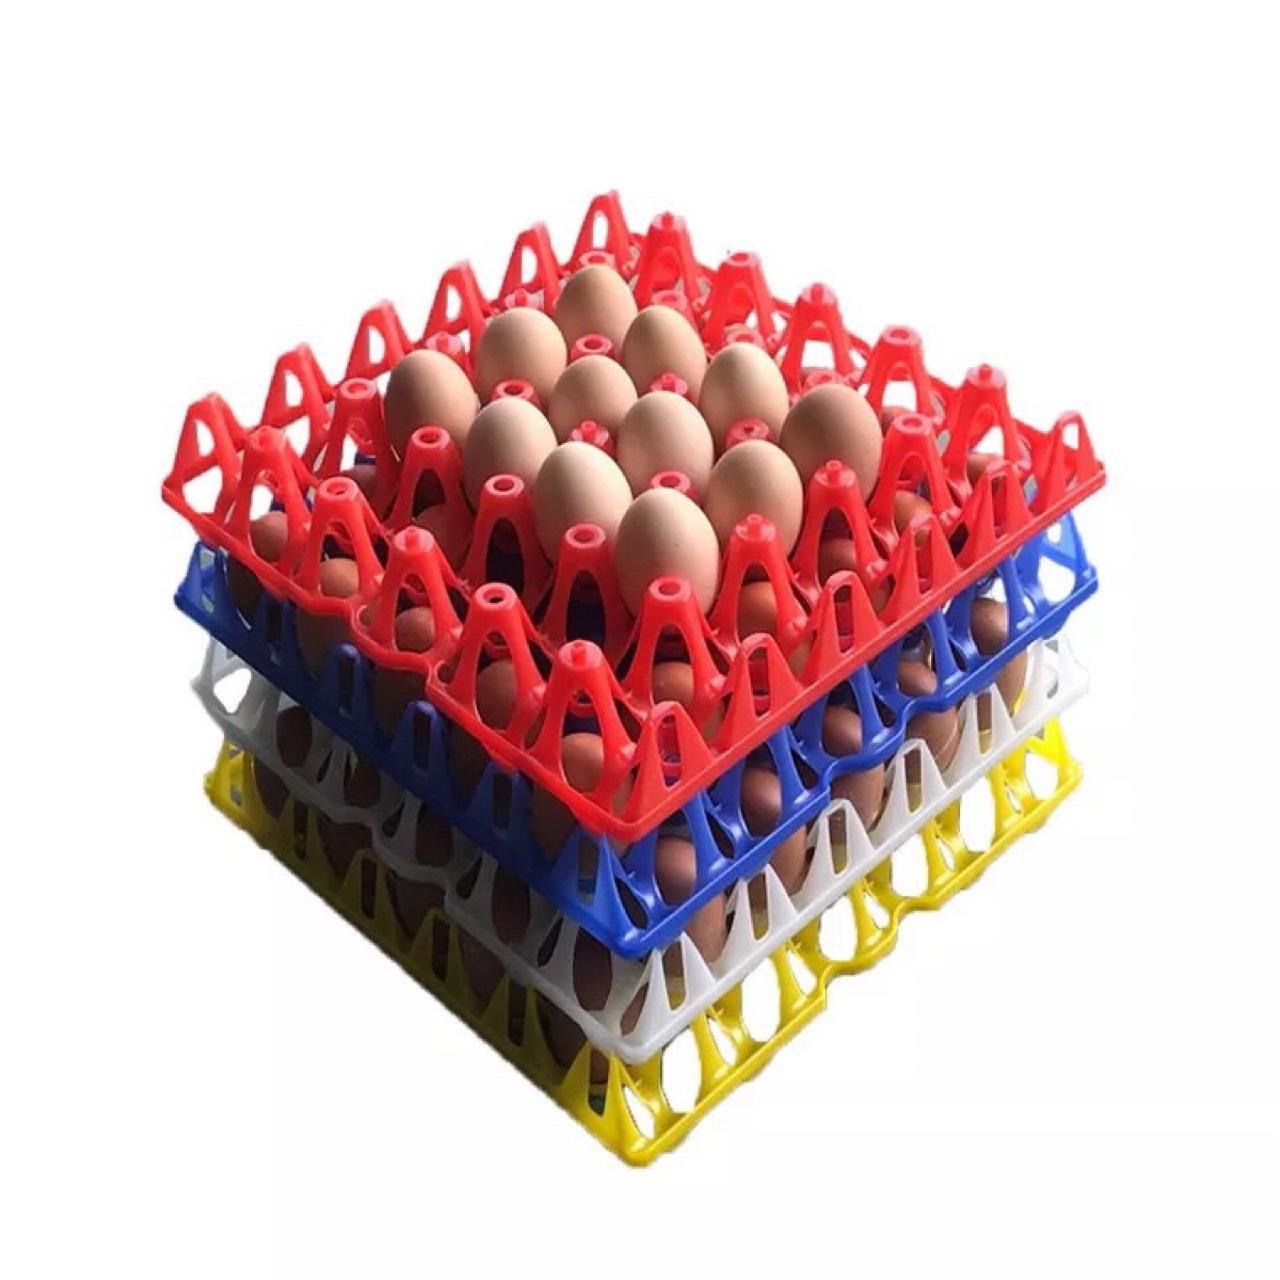 塑料鸡蛋托